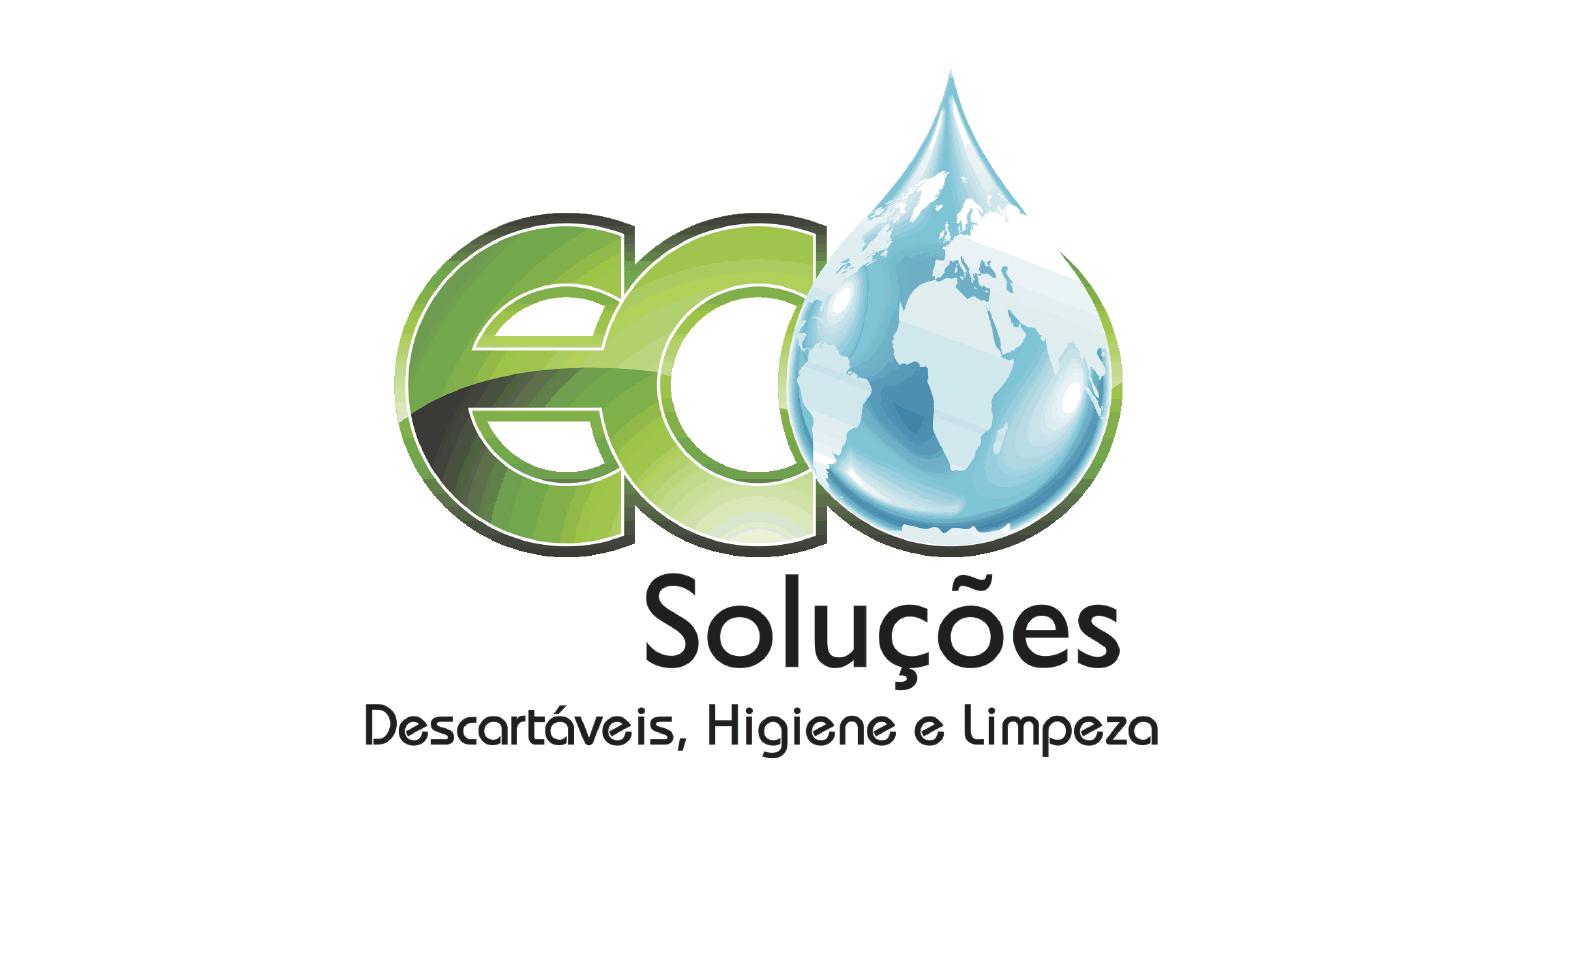 Eco Soluções | Sicon